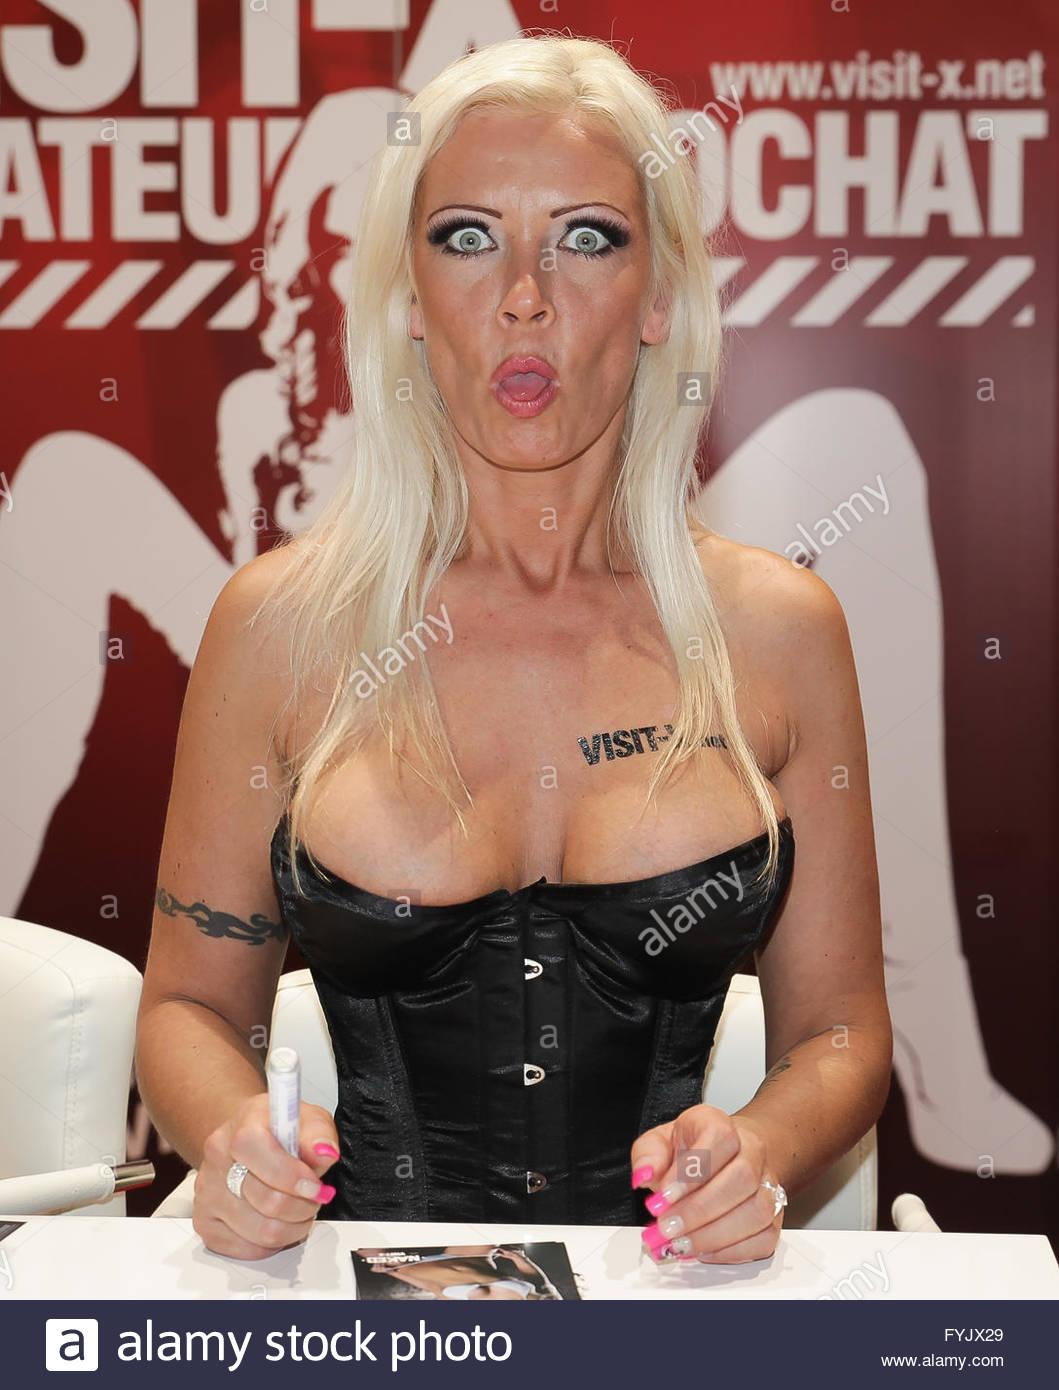 Viviane Schmitt